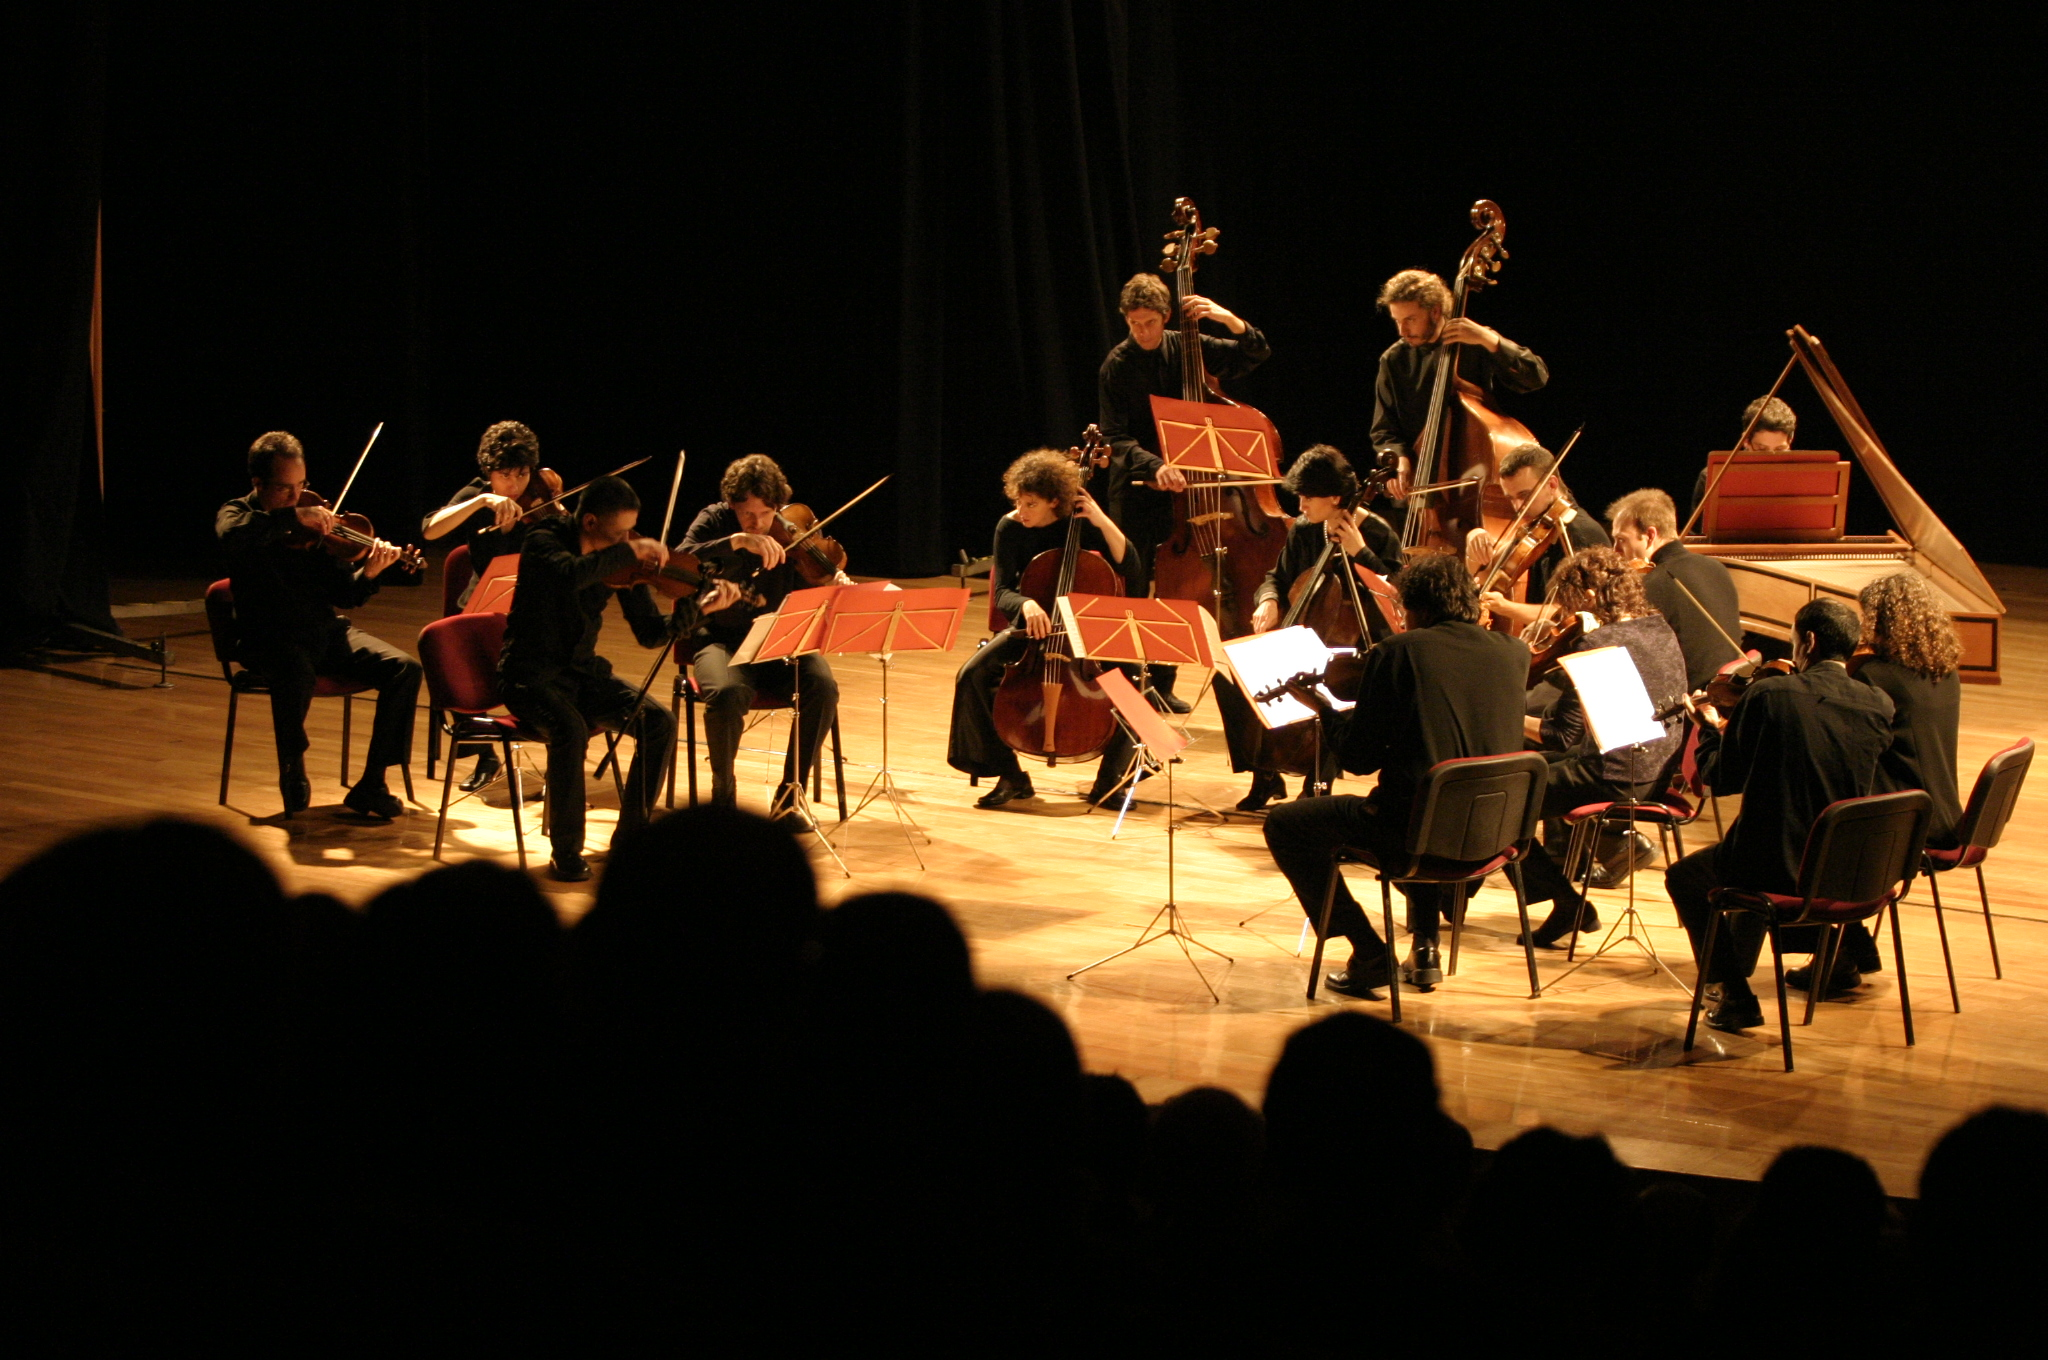 La Orquesta Barroca de Sevilla en una imagen de archivo. / Pepo Herrera